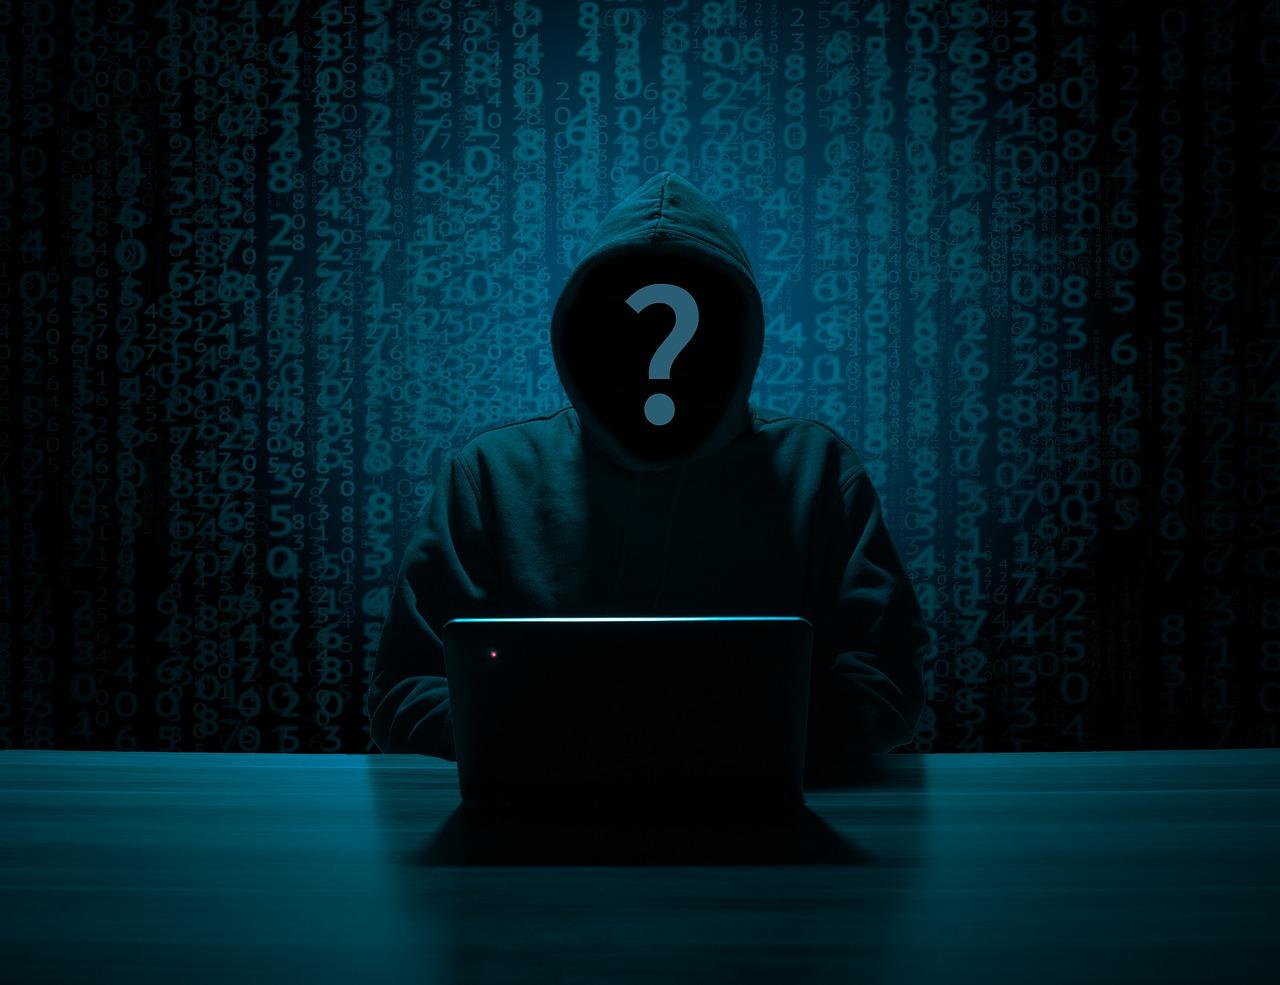 推特遭大规模攻击后续:比特币躺枪 黑客或另有所图